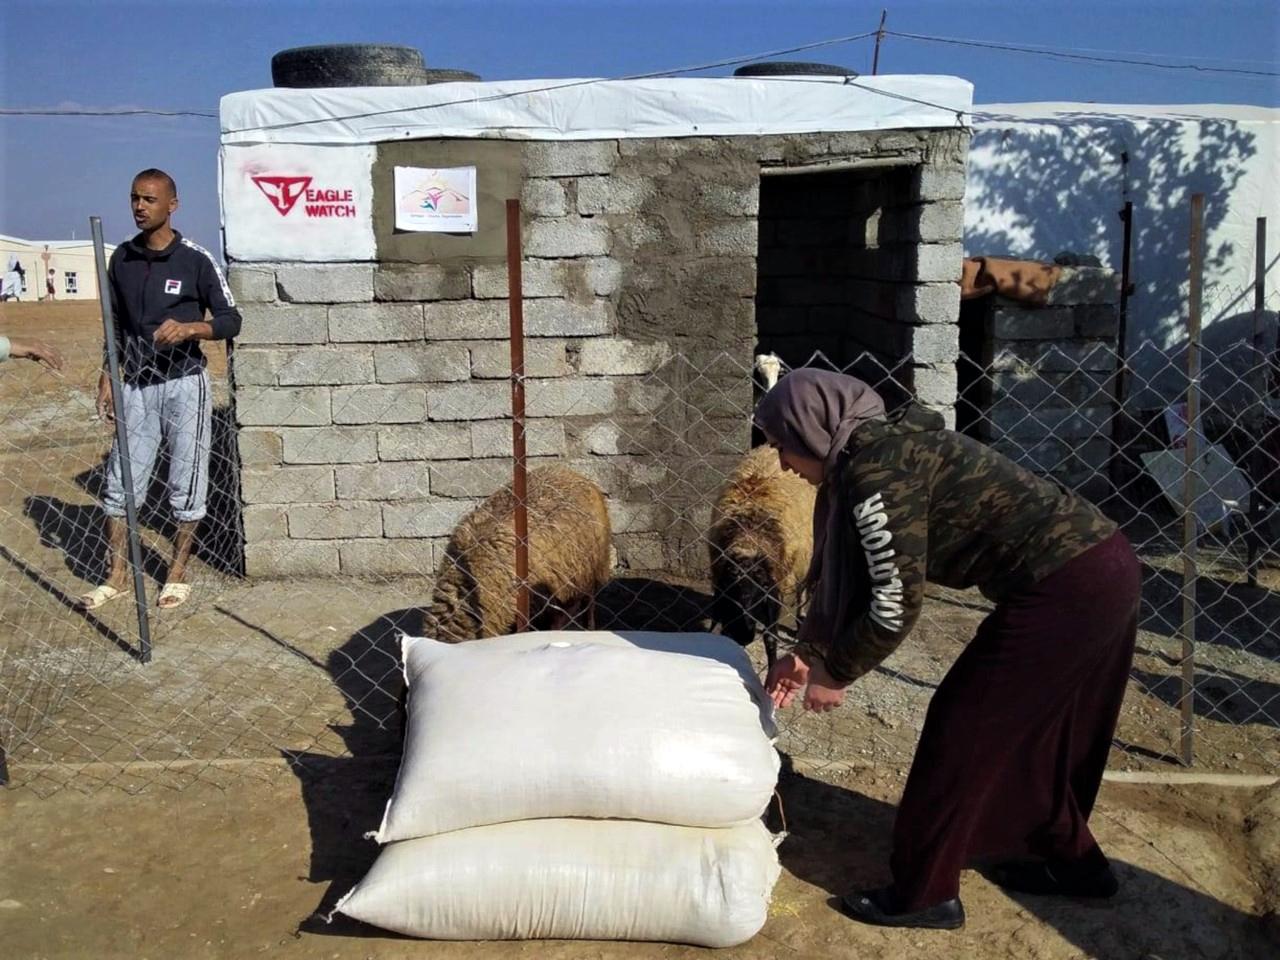 zakup trzody dla obozowych rodzin, Irak 2018.jpg